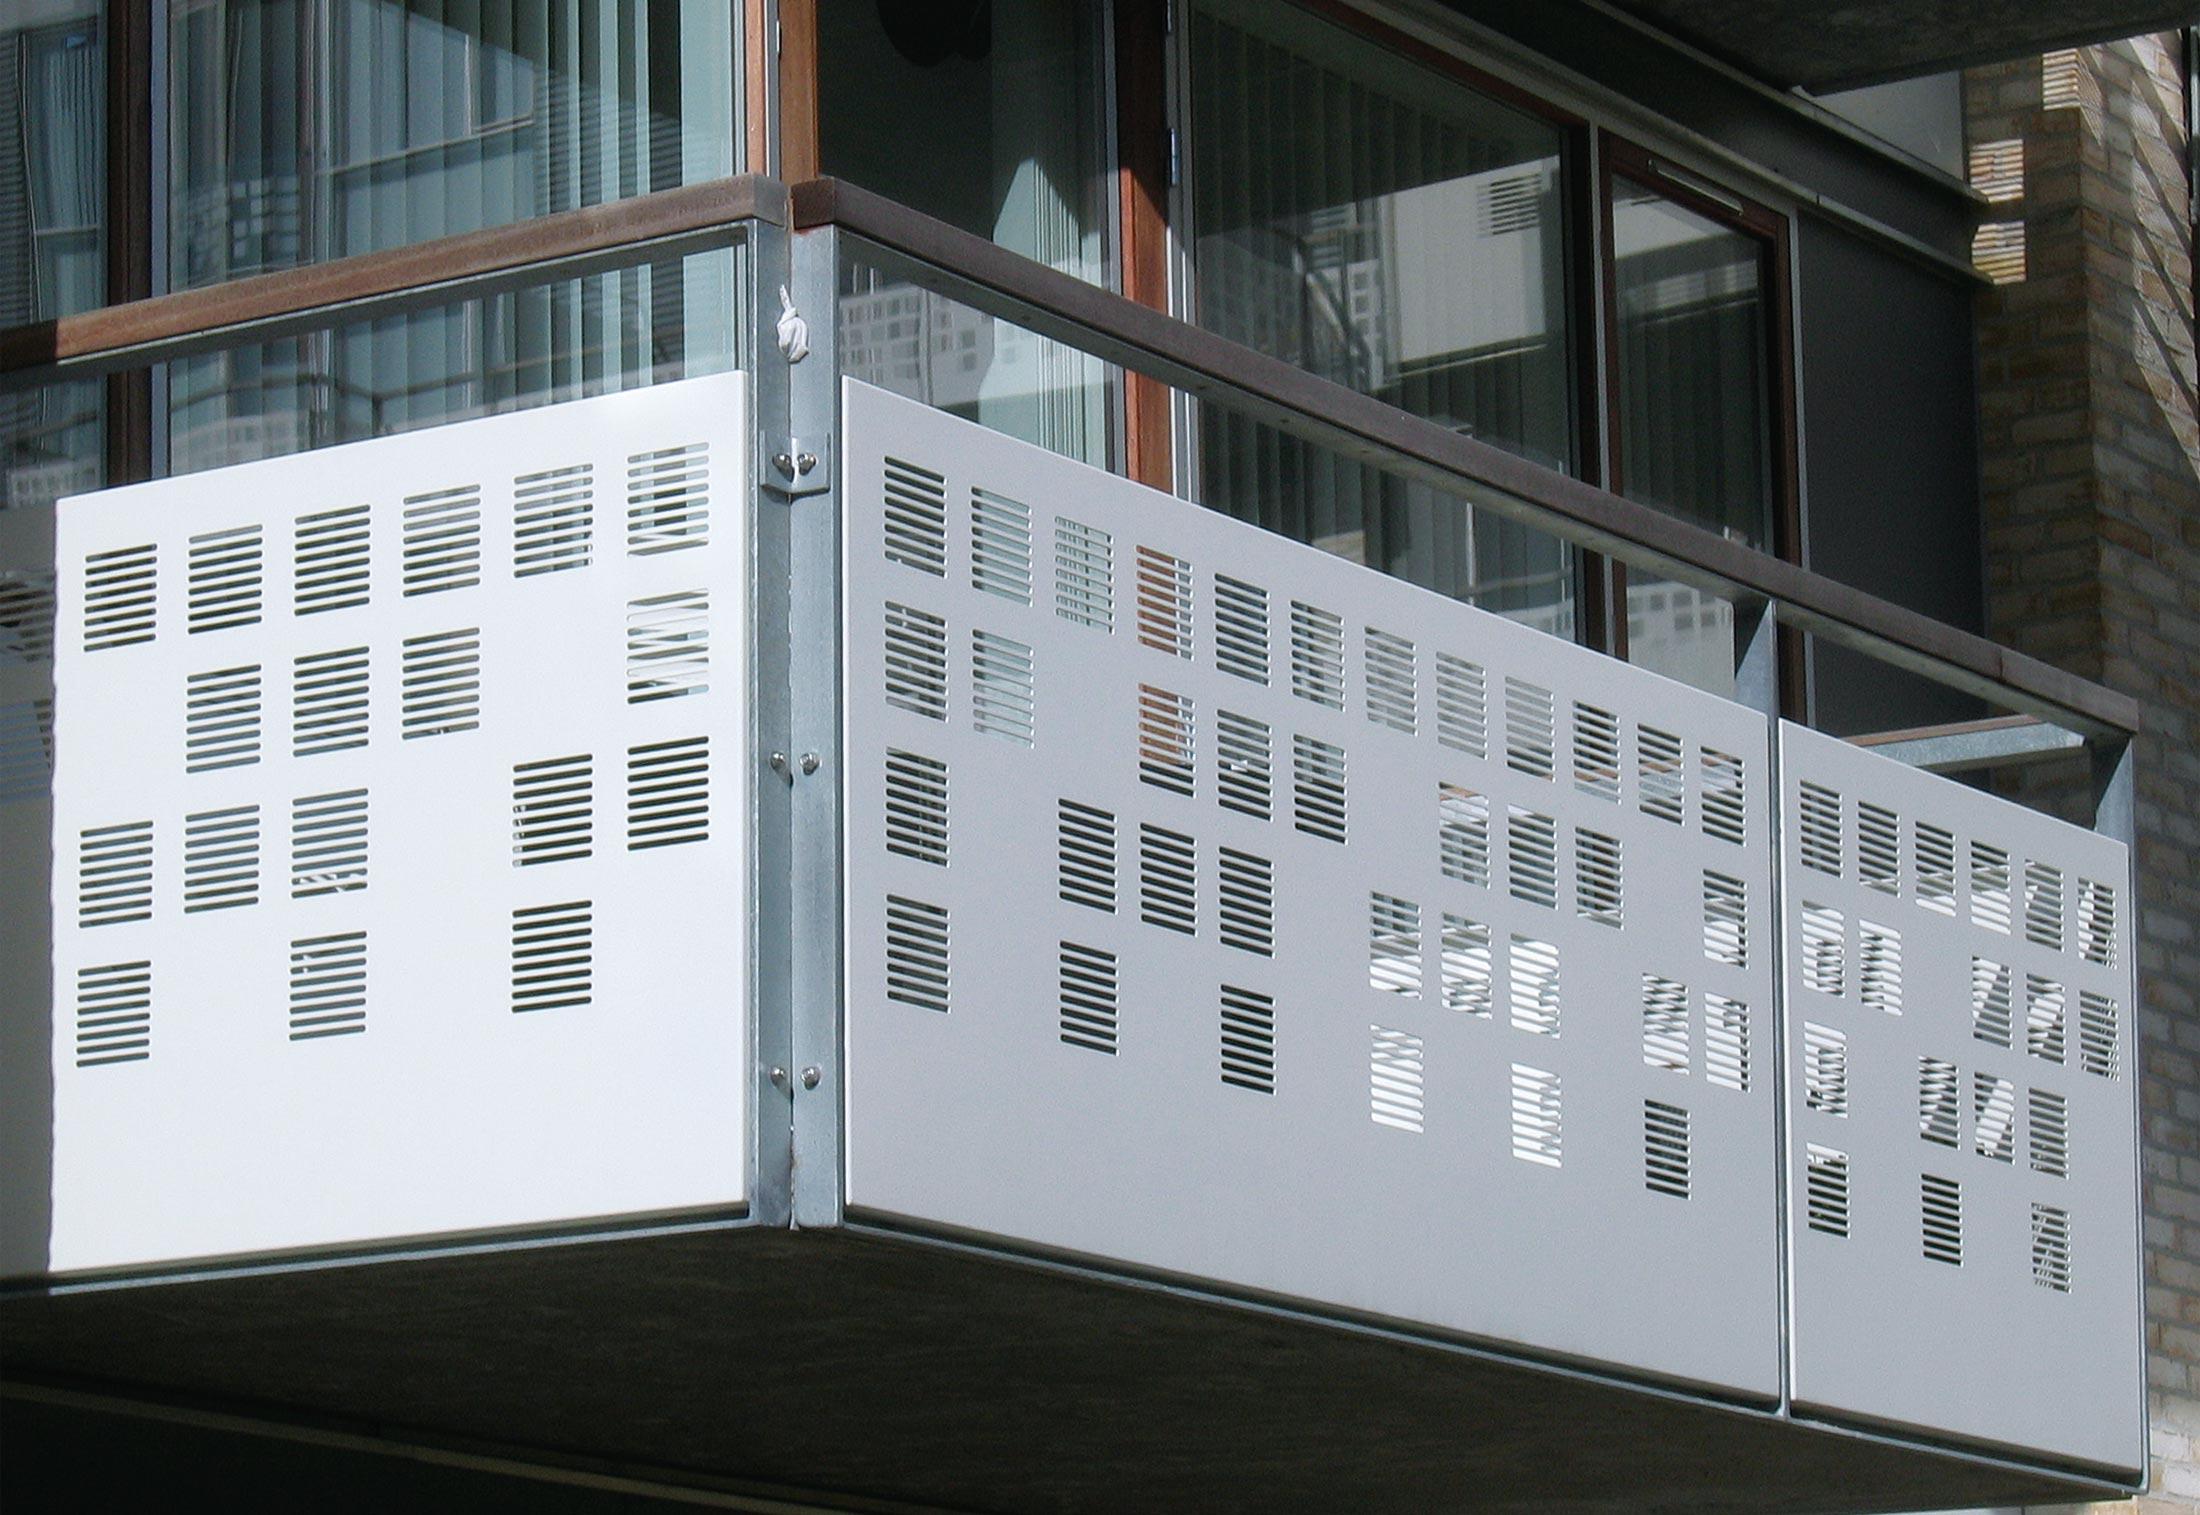 Balkonverkleidung Aus Lochblech Wohnhaus In Teglholm Von Rmig